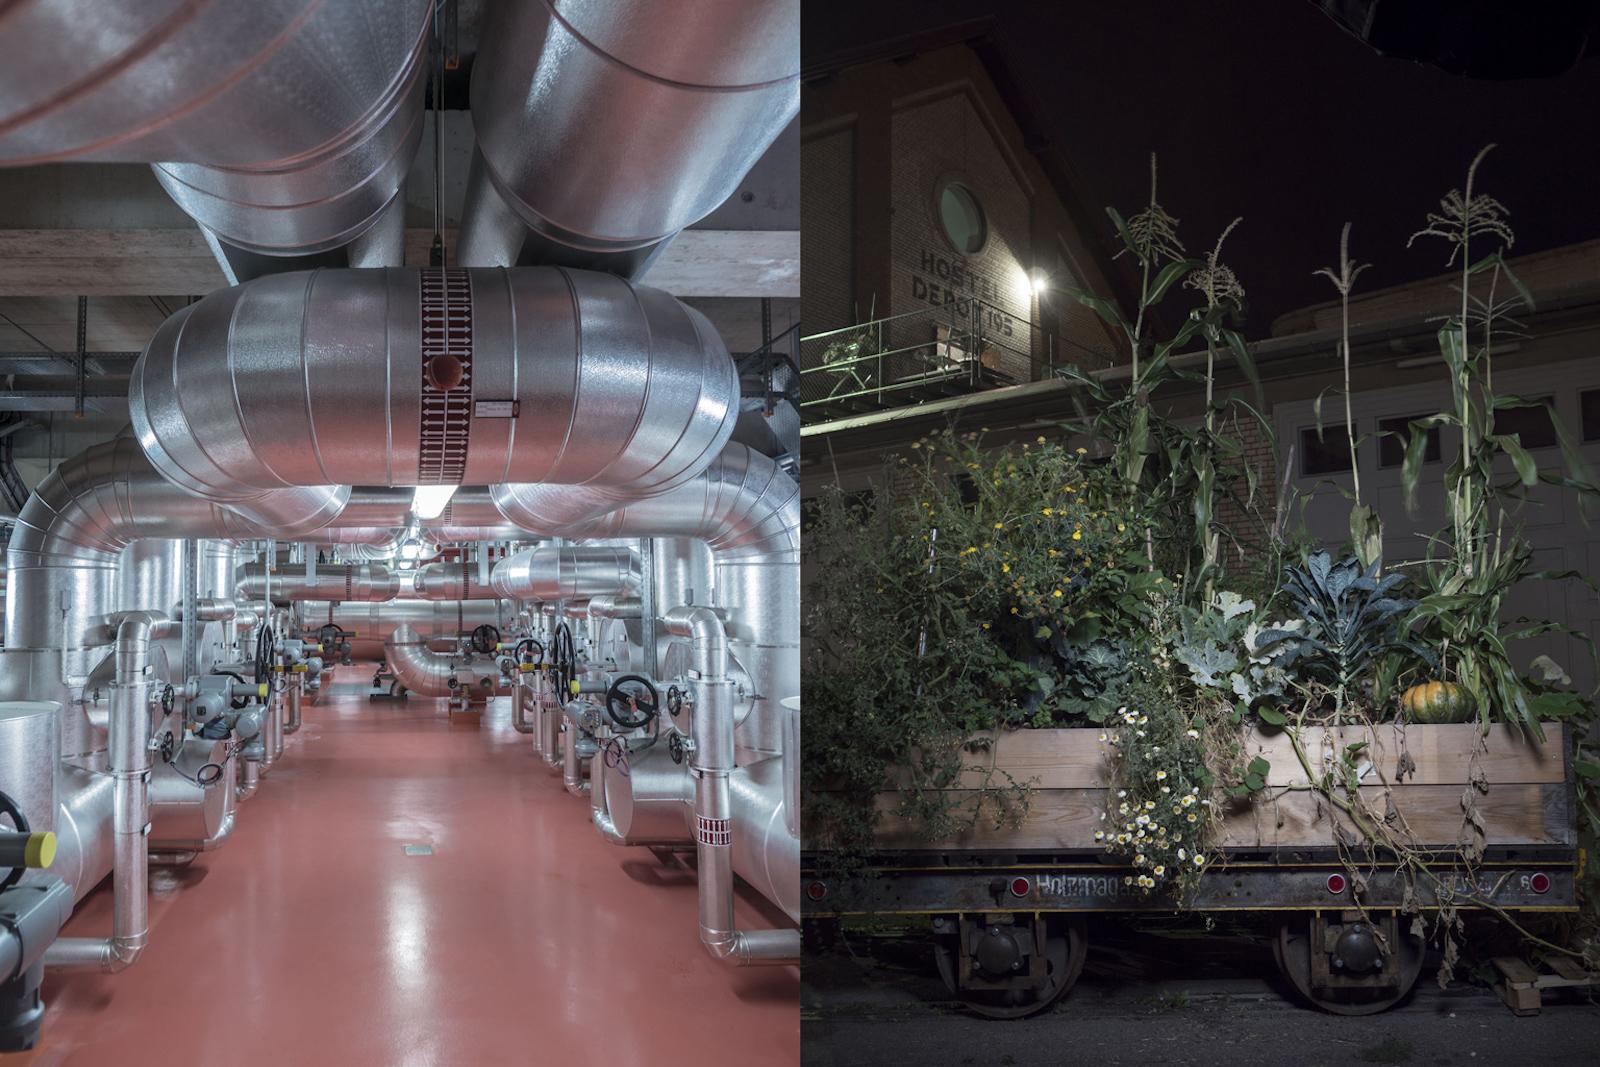 In der Kehrichtverwertungsanlage von Stadtwerk Winterthur wird die im Kehricht enthaltene Energie zur Strom- und Wärmeproduktion genutzt (links). Urban Gardening wird wie Urban Farming bereits heute praktiziert. In naher Zukunft wird man in Winterthur auch ganze Häuserfassaden antreffen, die begrünt sind (rechts). (Robert Huber)